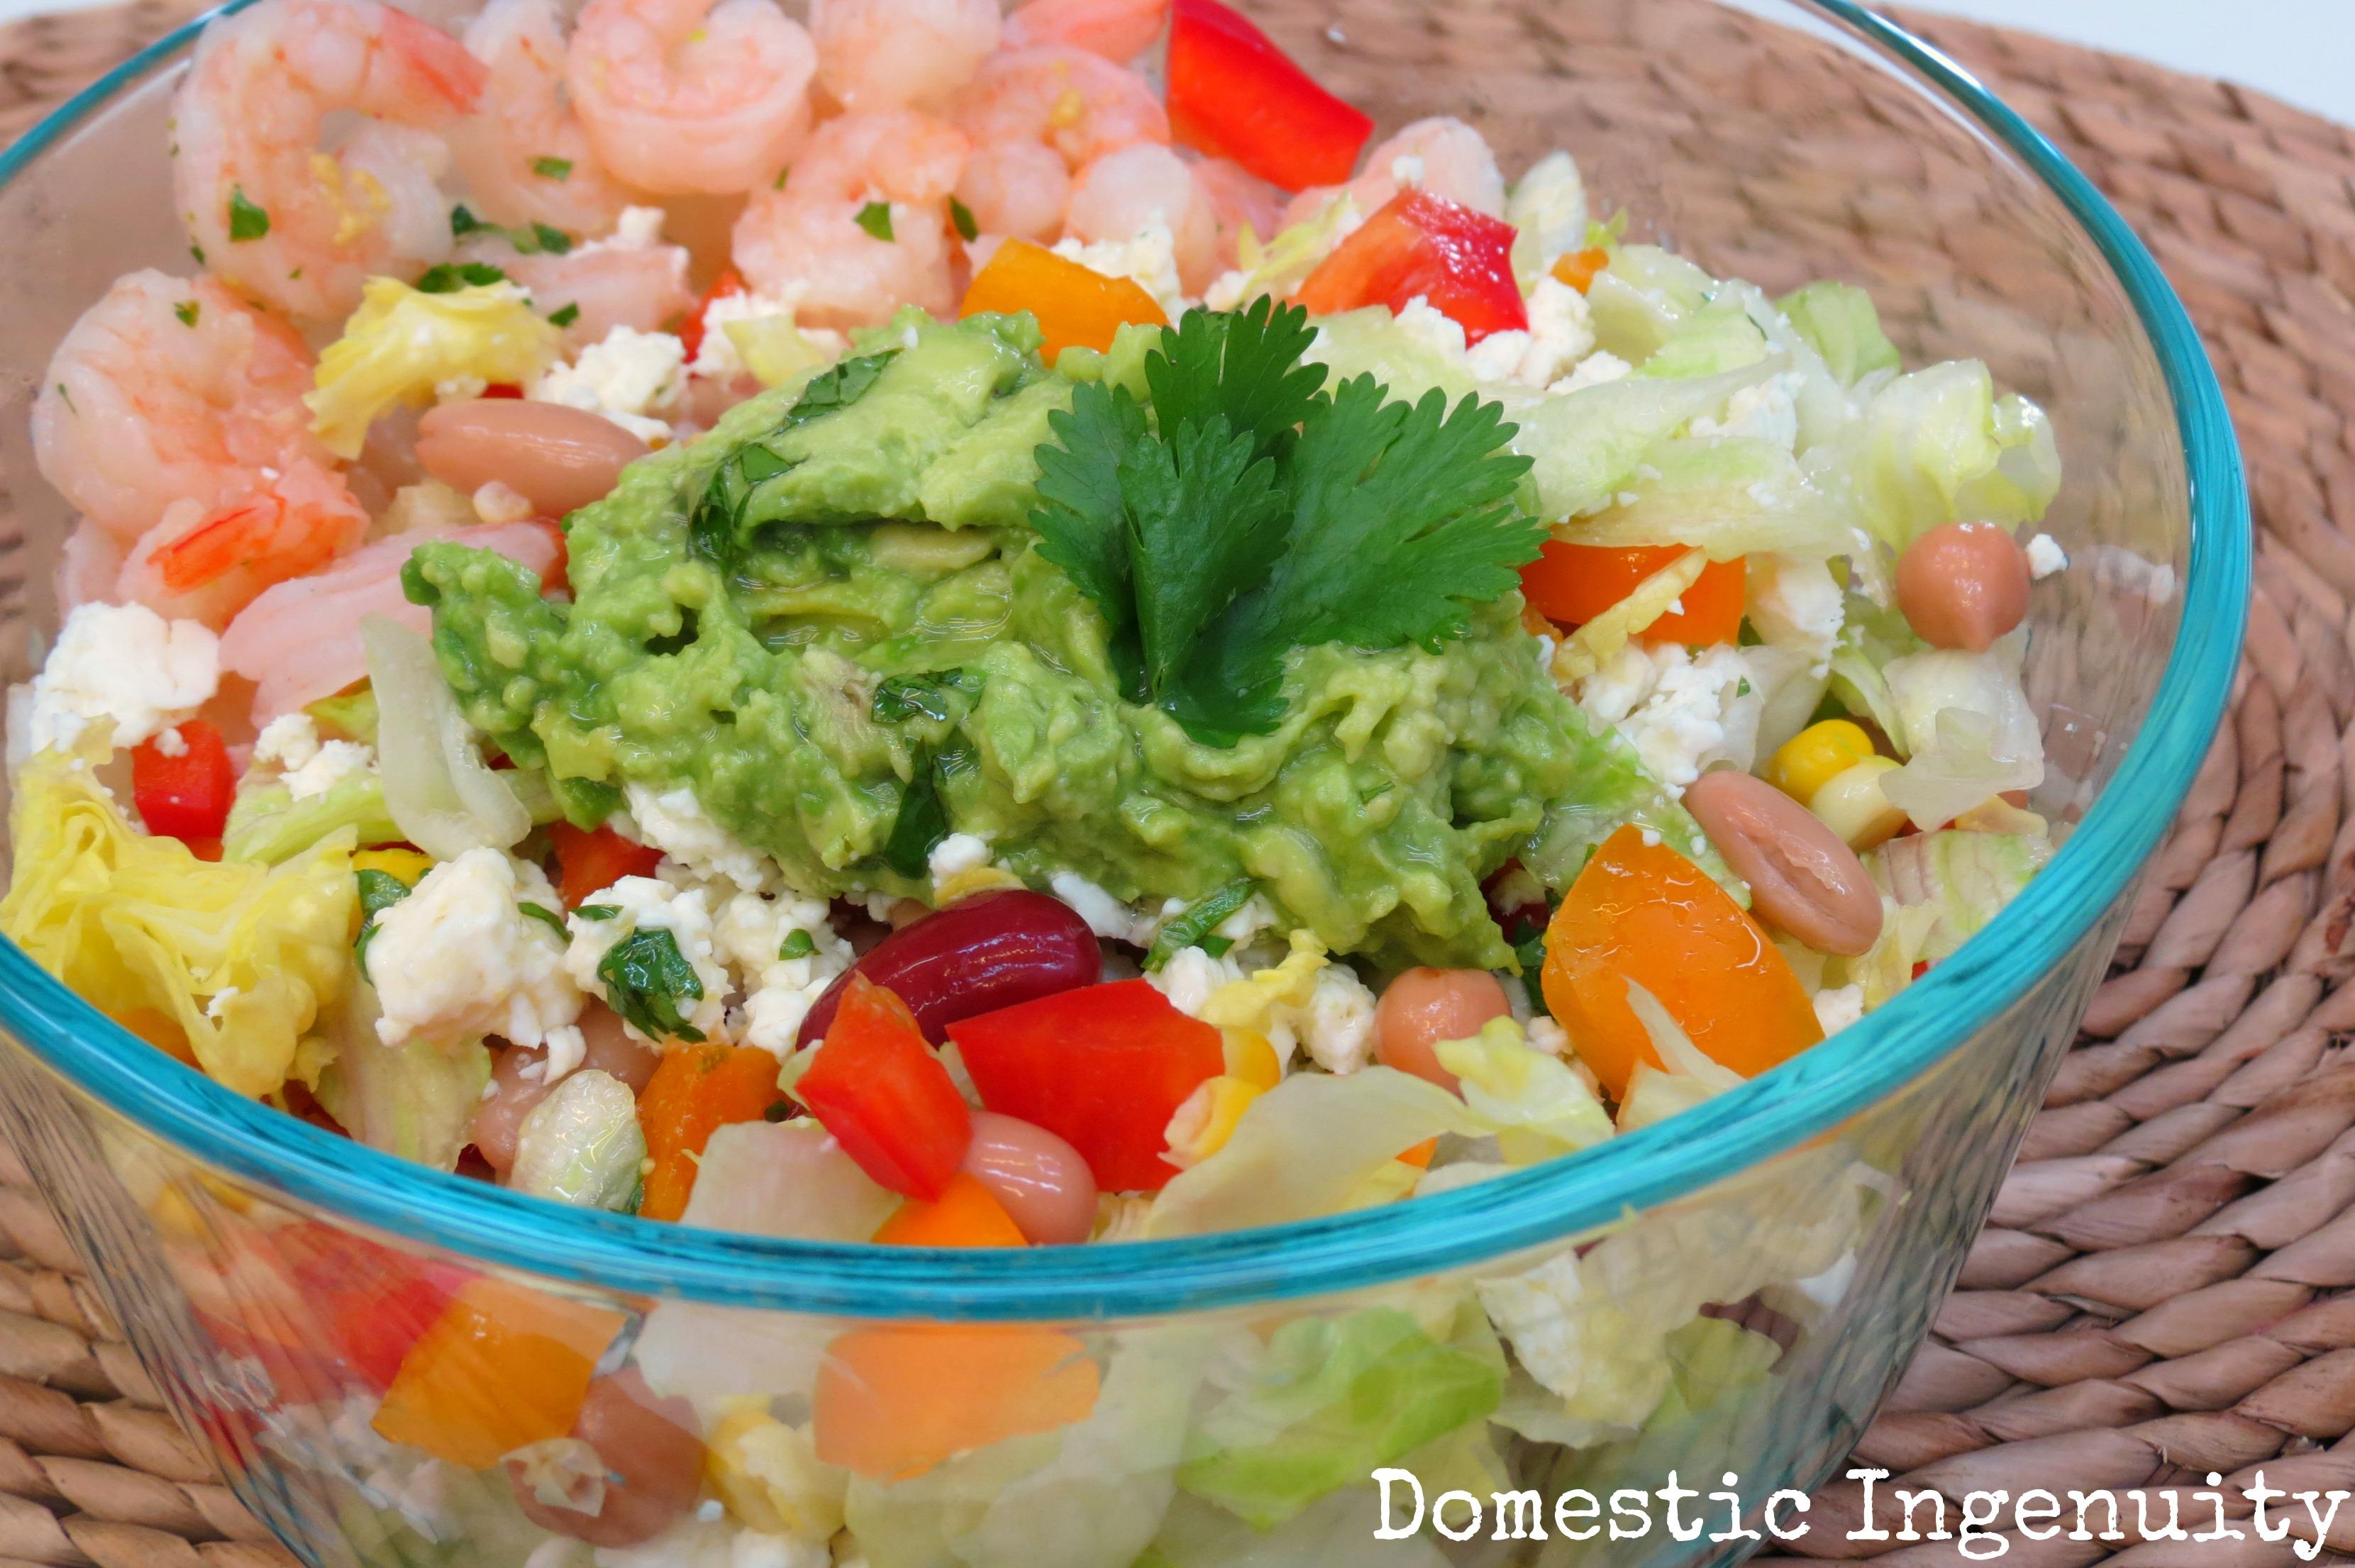 Avocado & Feta Salad with Honey Lime Dressing